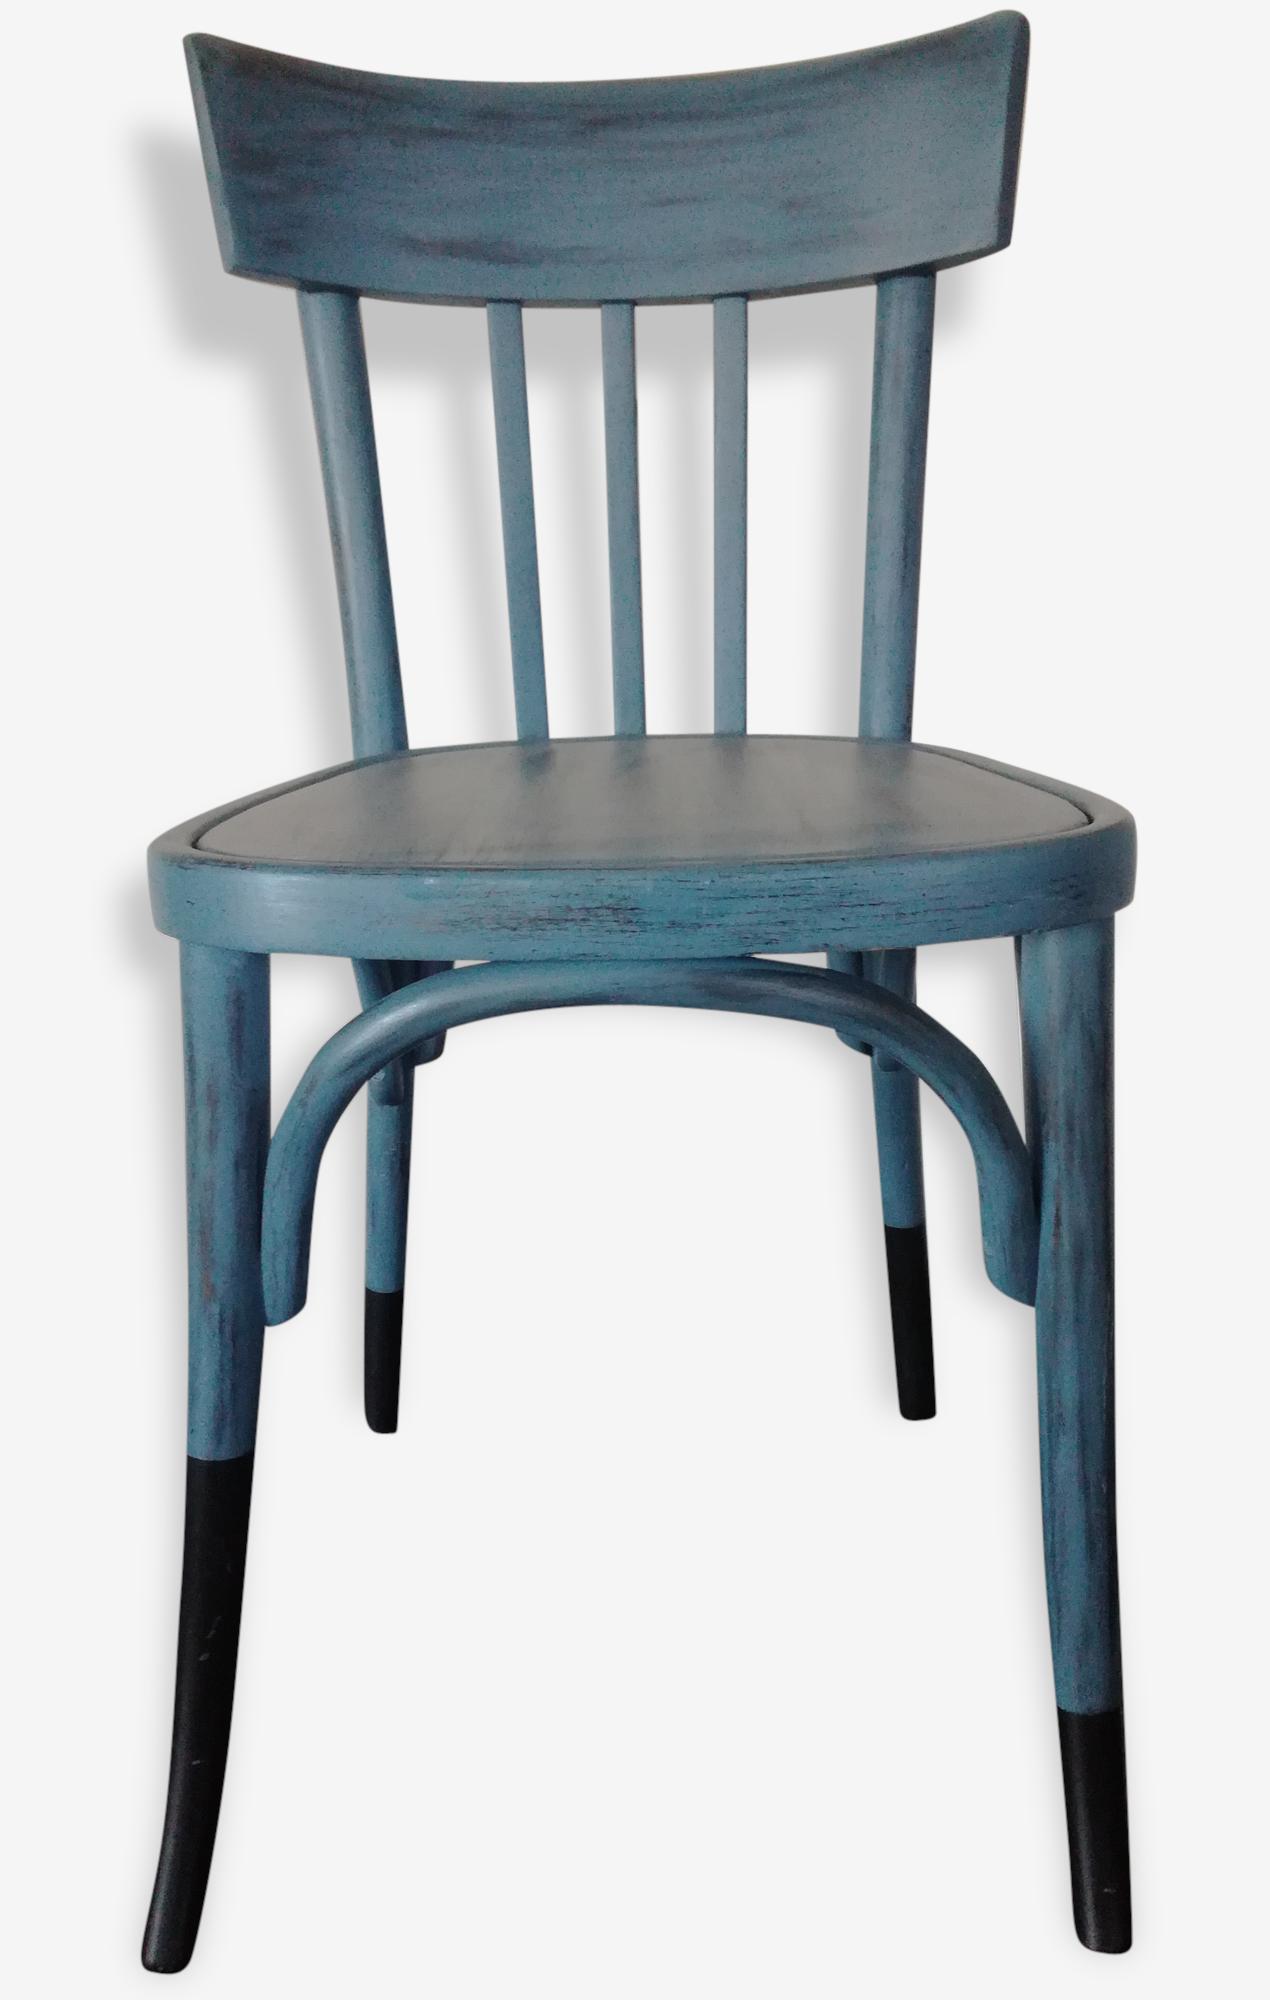 Chaise Bistrot Bleue Et Noire Bois Matériau Bleu Vintage